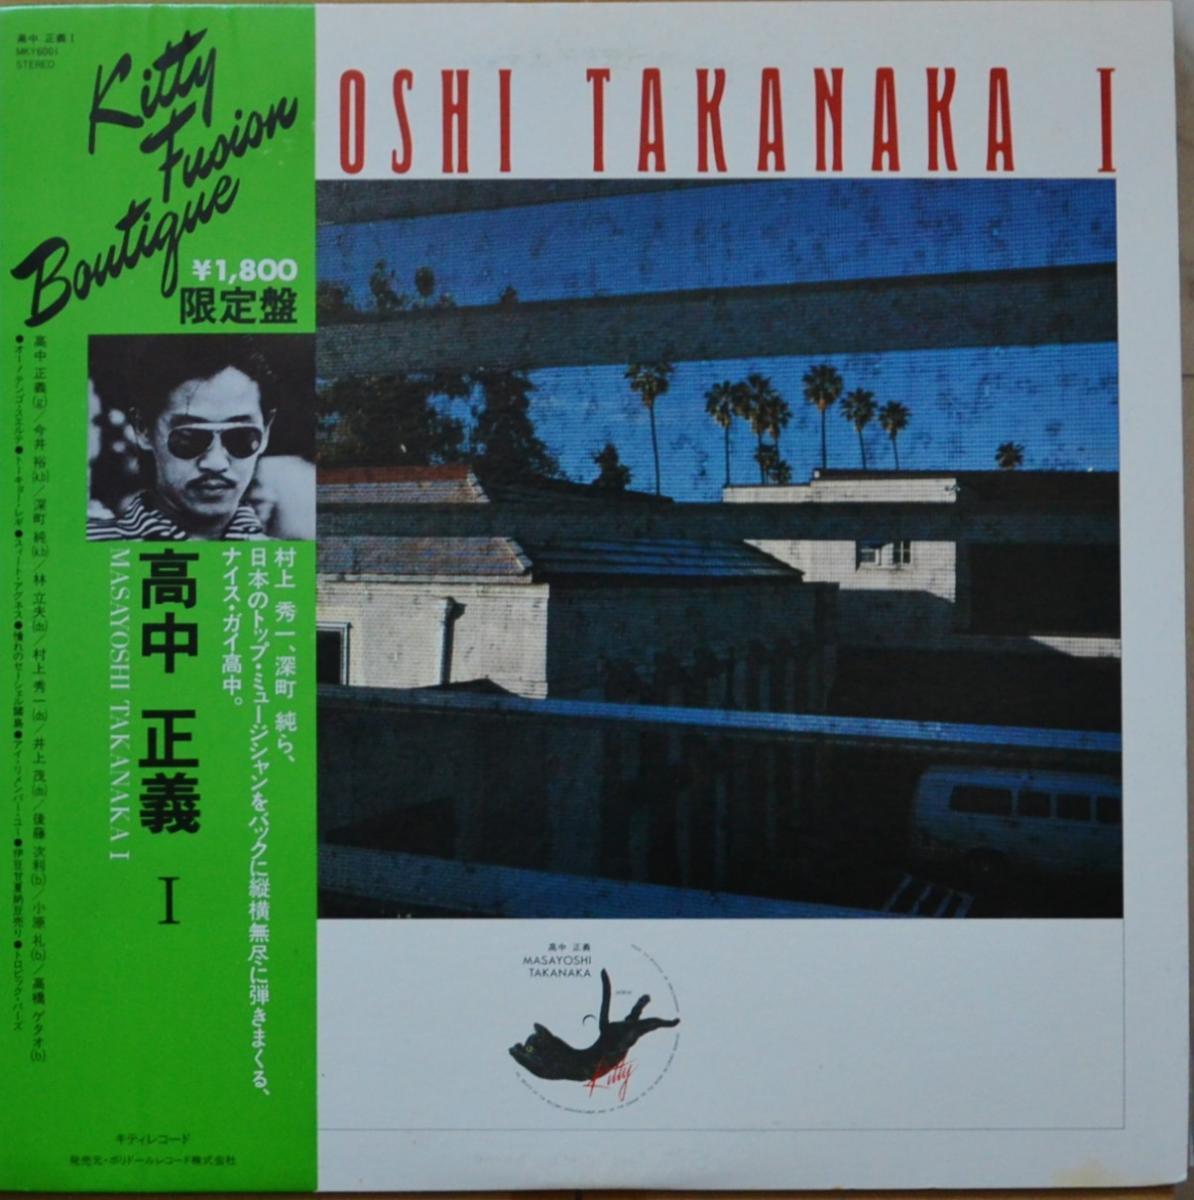 高中正義 MASAYOSHI TAKANAKA / MASAYOSHI TAKANAKA I (LP)